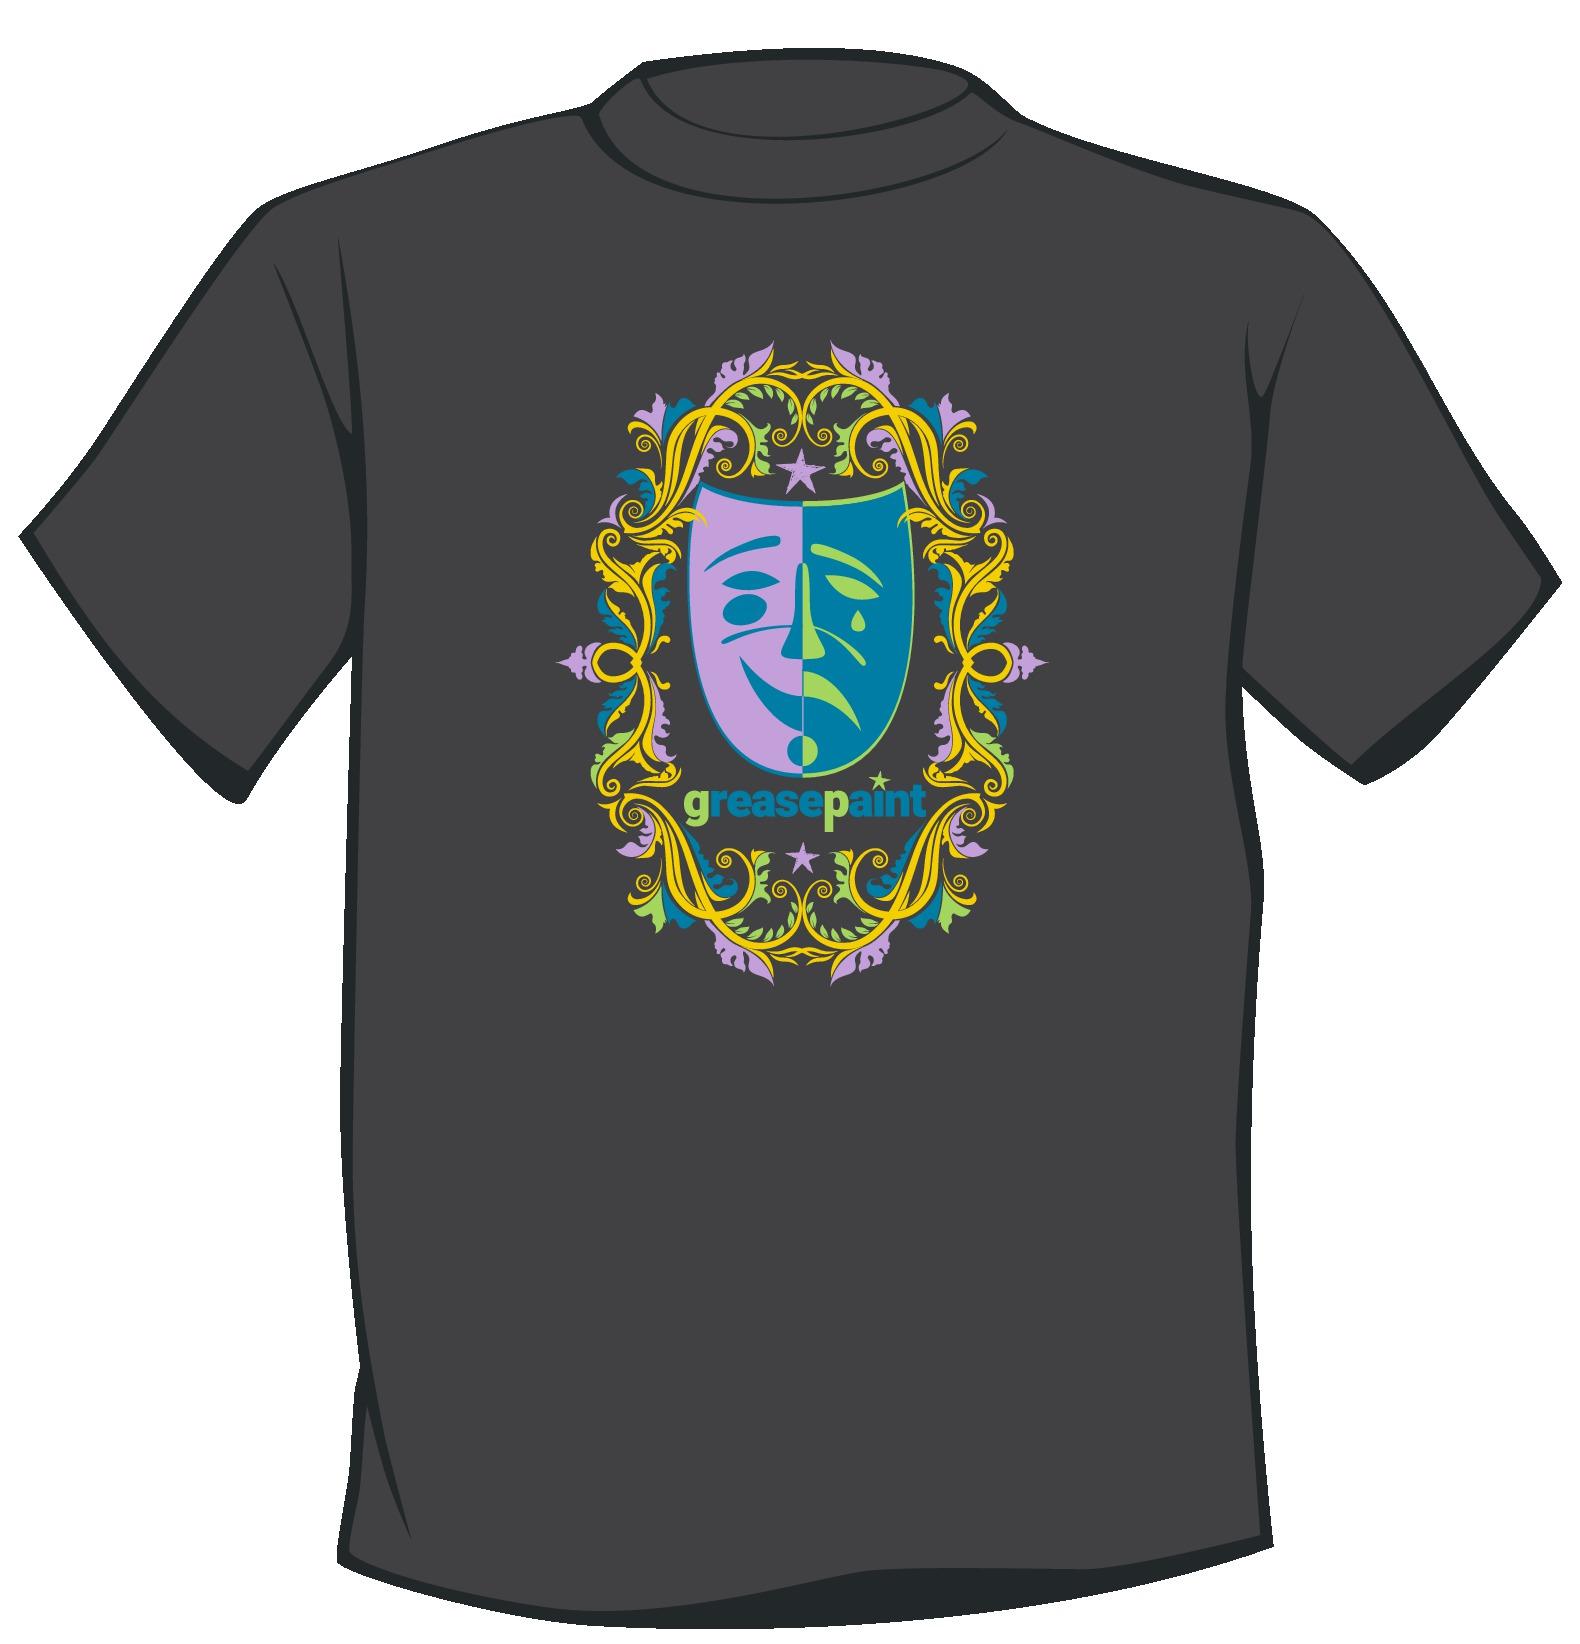 Gala T-Shirts